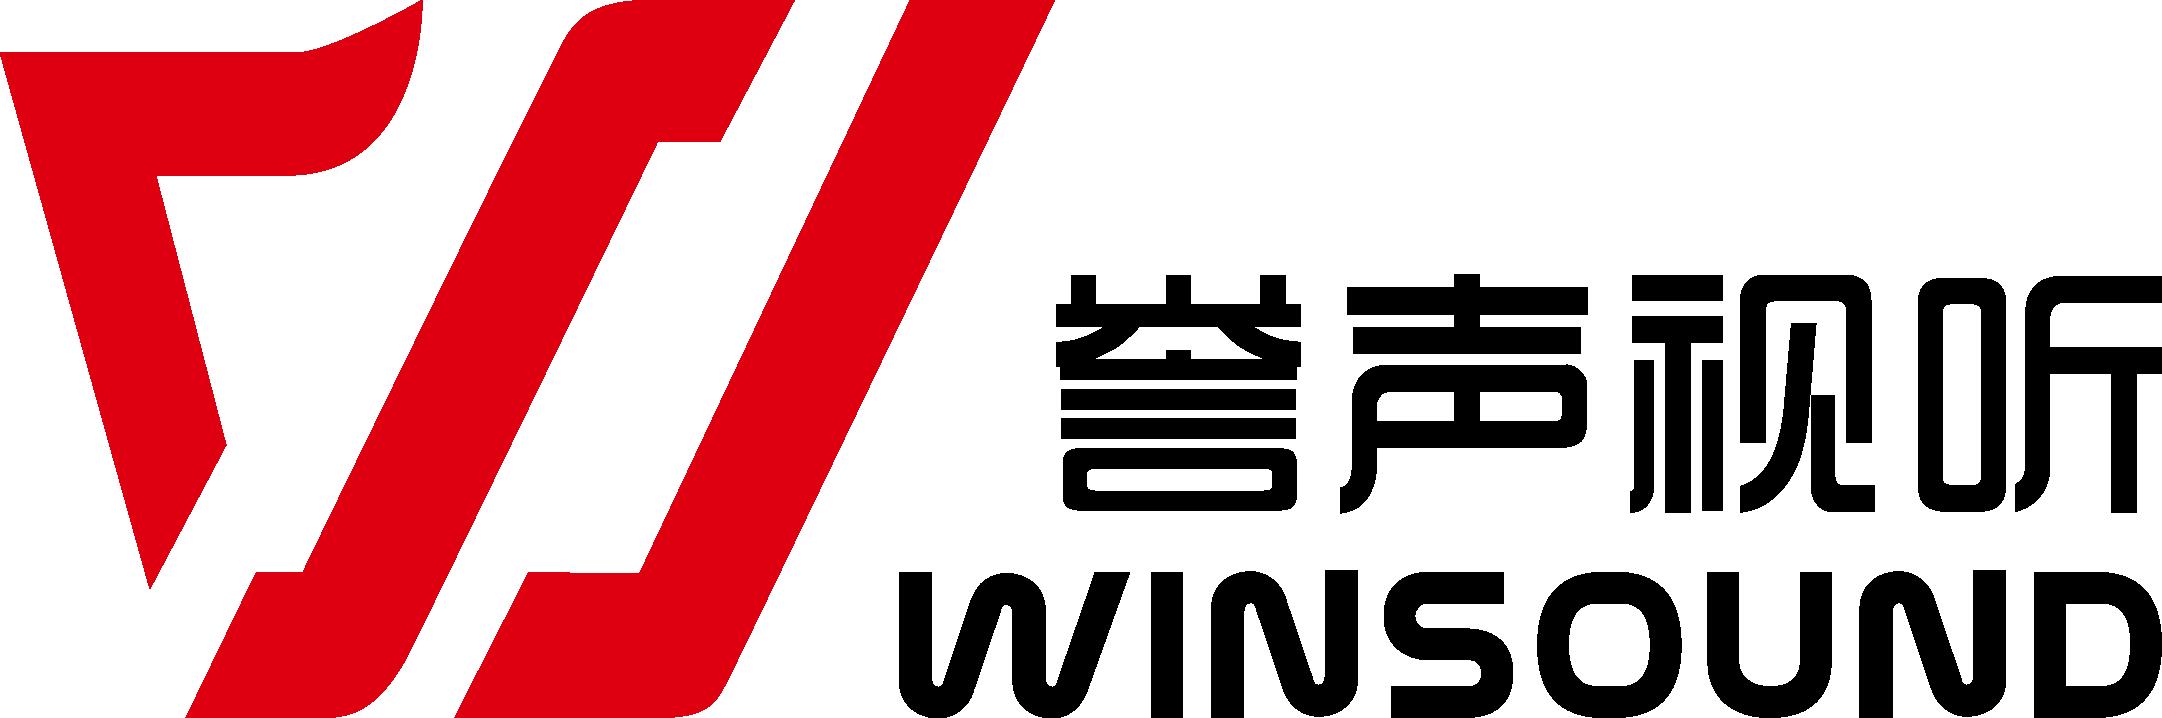 logo 标识 标志 设计 矢量 矢量图 素材 图标 2162_718